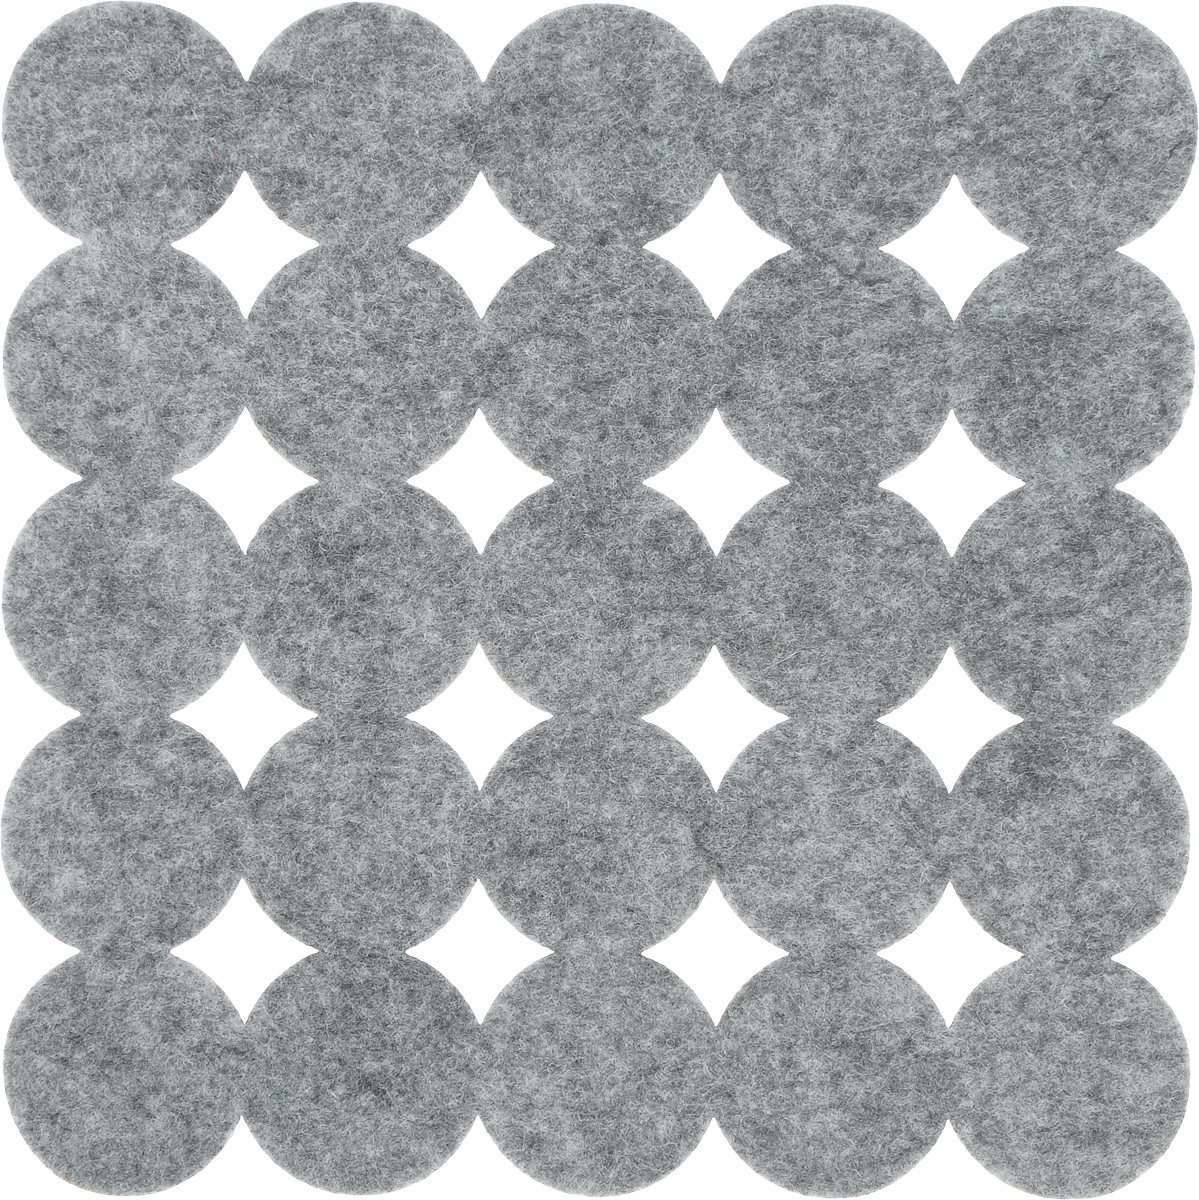 Салфетка-подставка под горячее Blumen Haus, квадратная, цвет: серый, 20 х 20 см 82015 лампа c2r a6 9005 hb 3